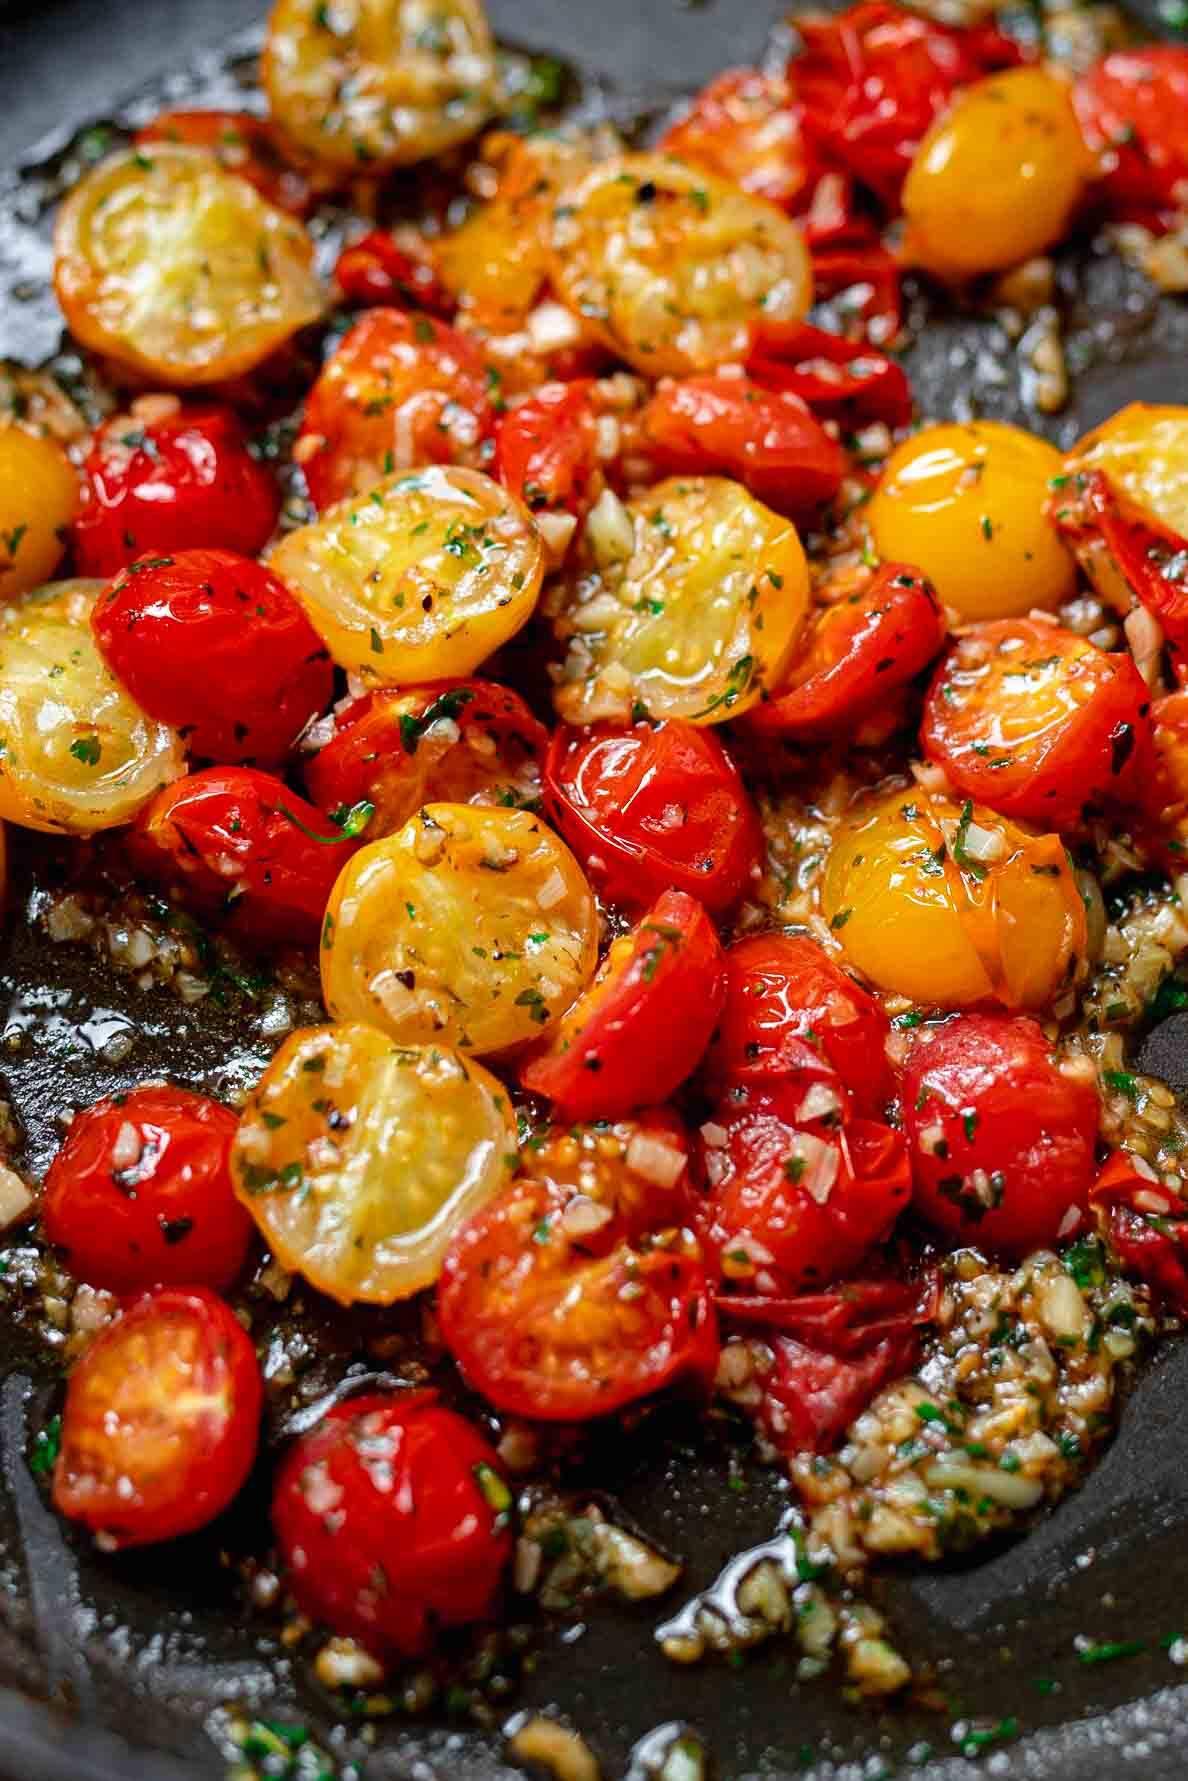 cherry tomatoes and garlic pasta sauce